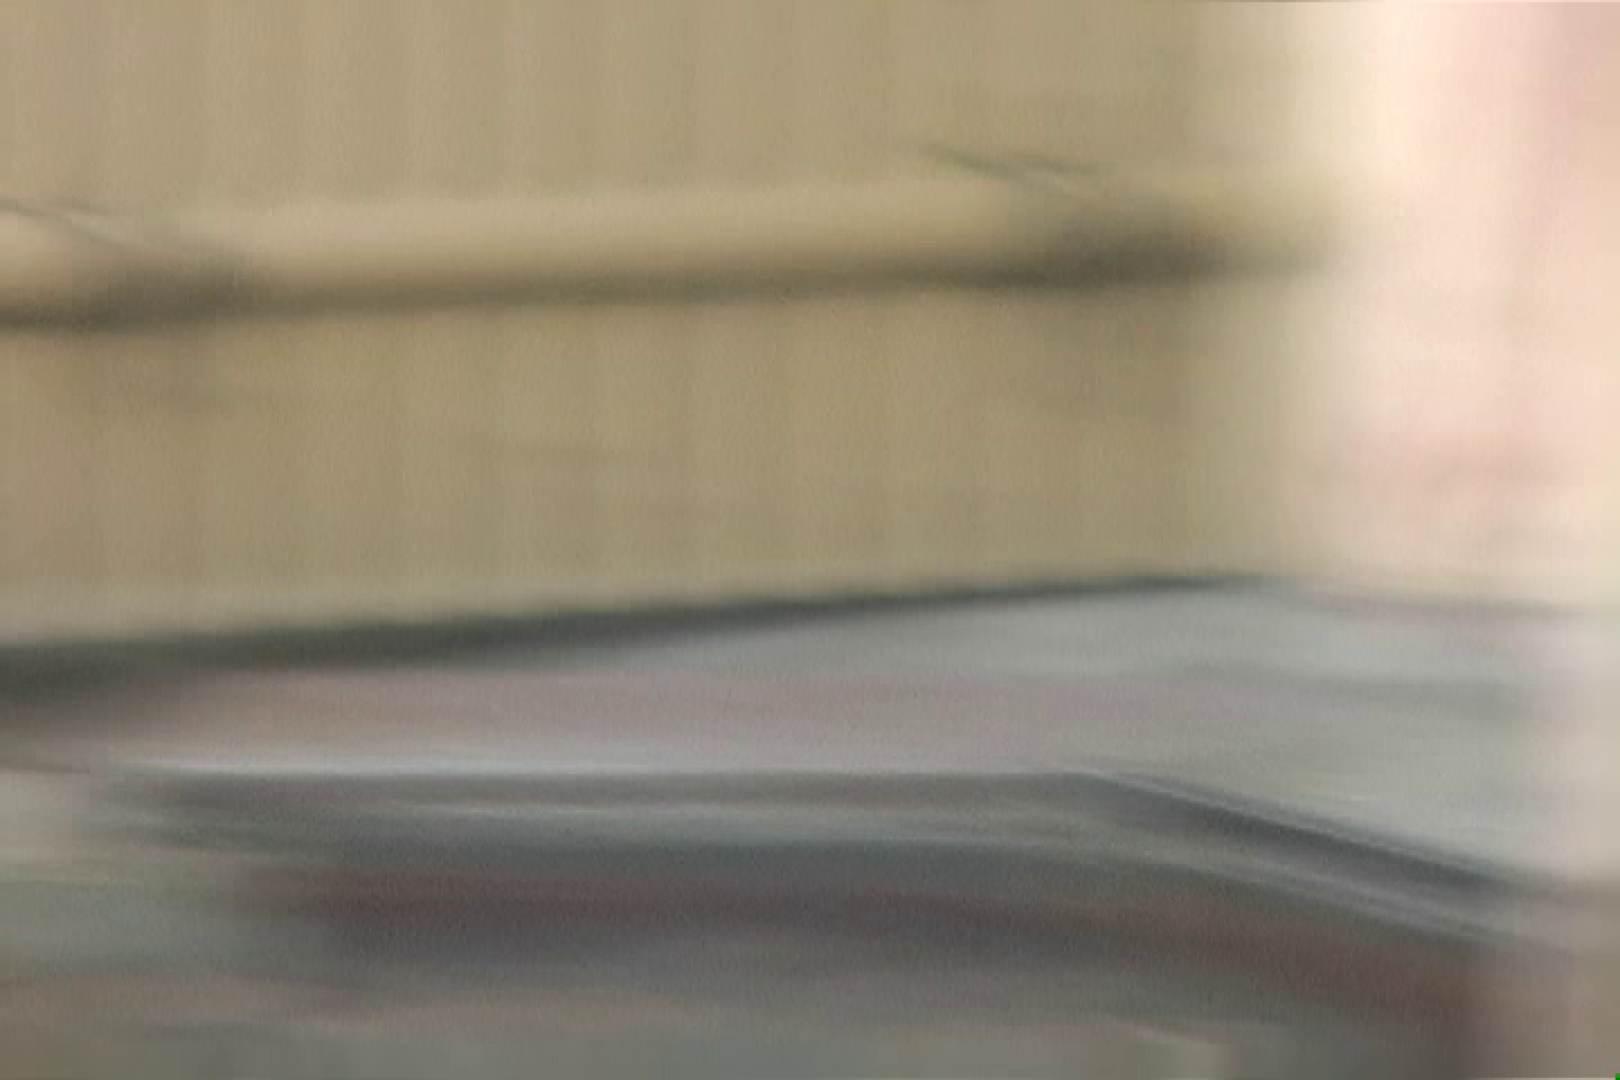 高画質露天女風呂観察 vol.009 高画質 隠し撮りすけべAV動画紹介 40連発 31